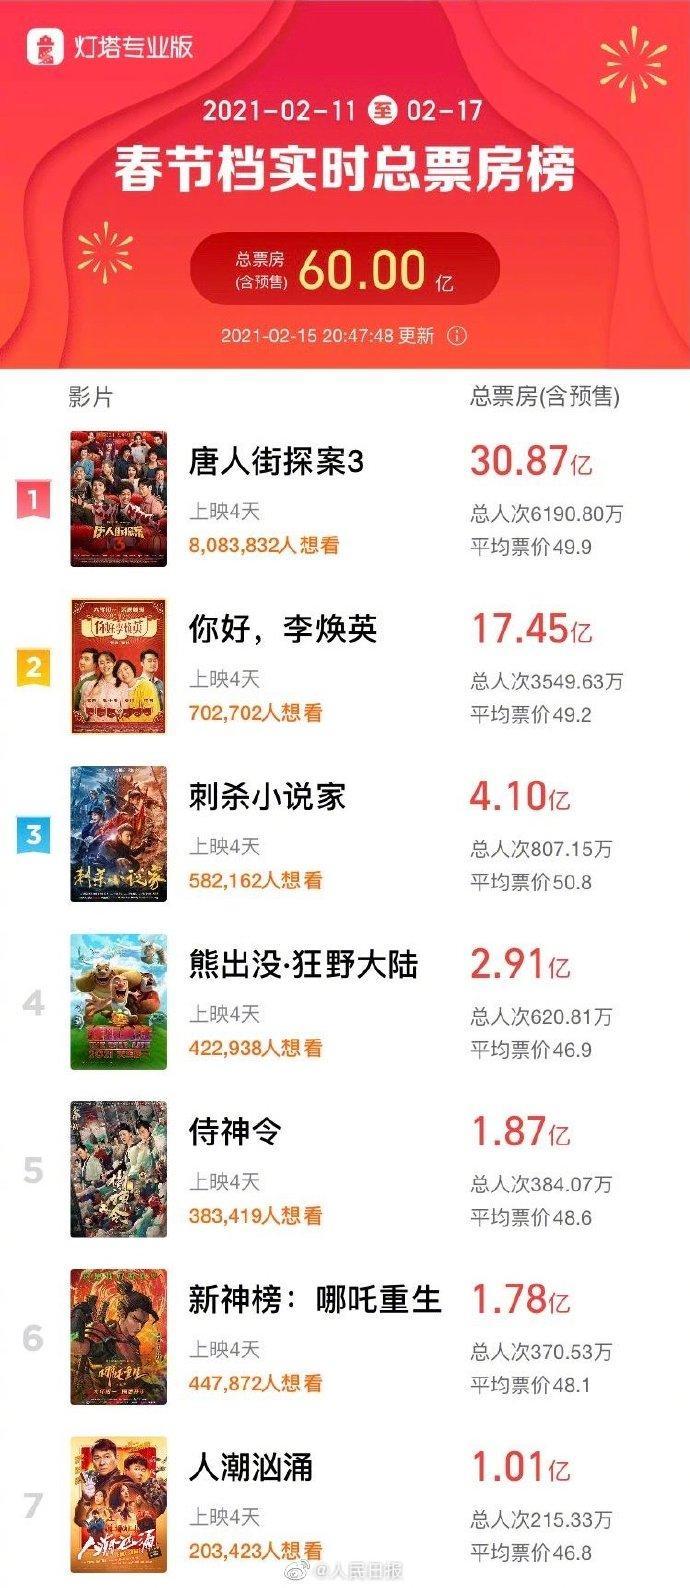 春节档总票房破60亿。《唐人街探案3》破30亿暂时排名第一